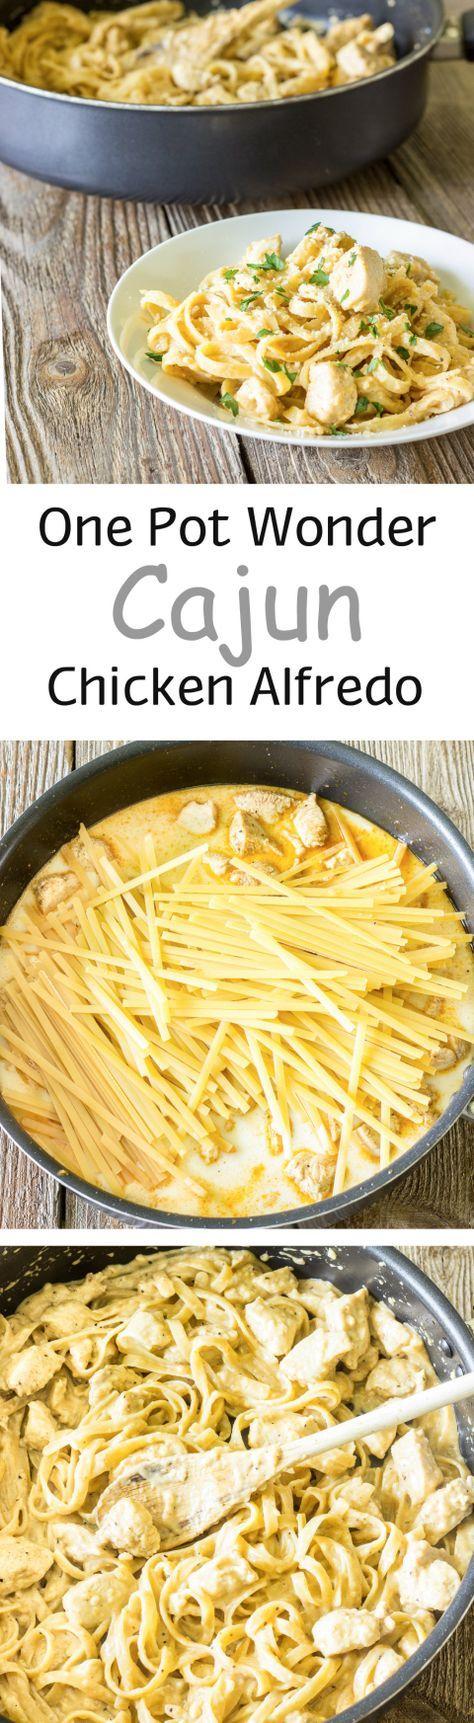 One Pot Wonder Cajun Chicken Alfredo